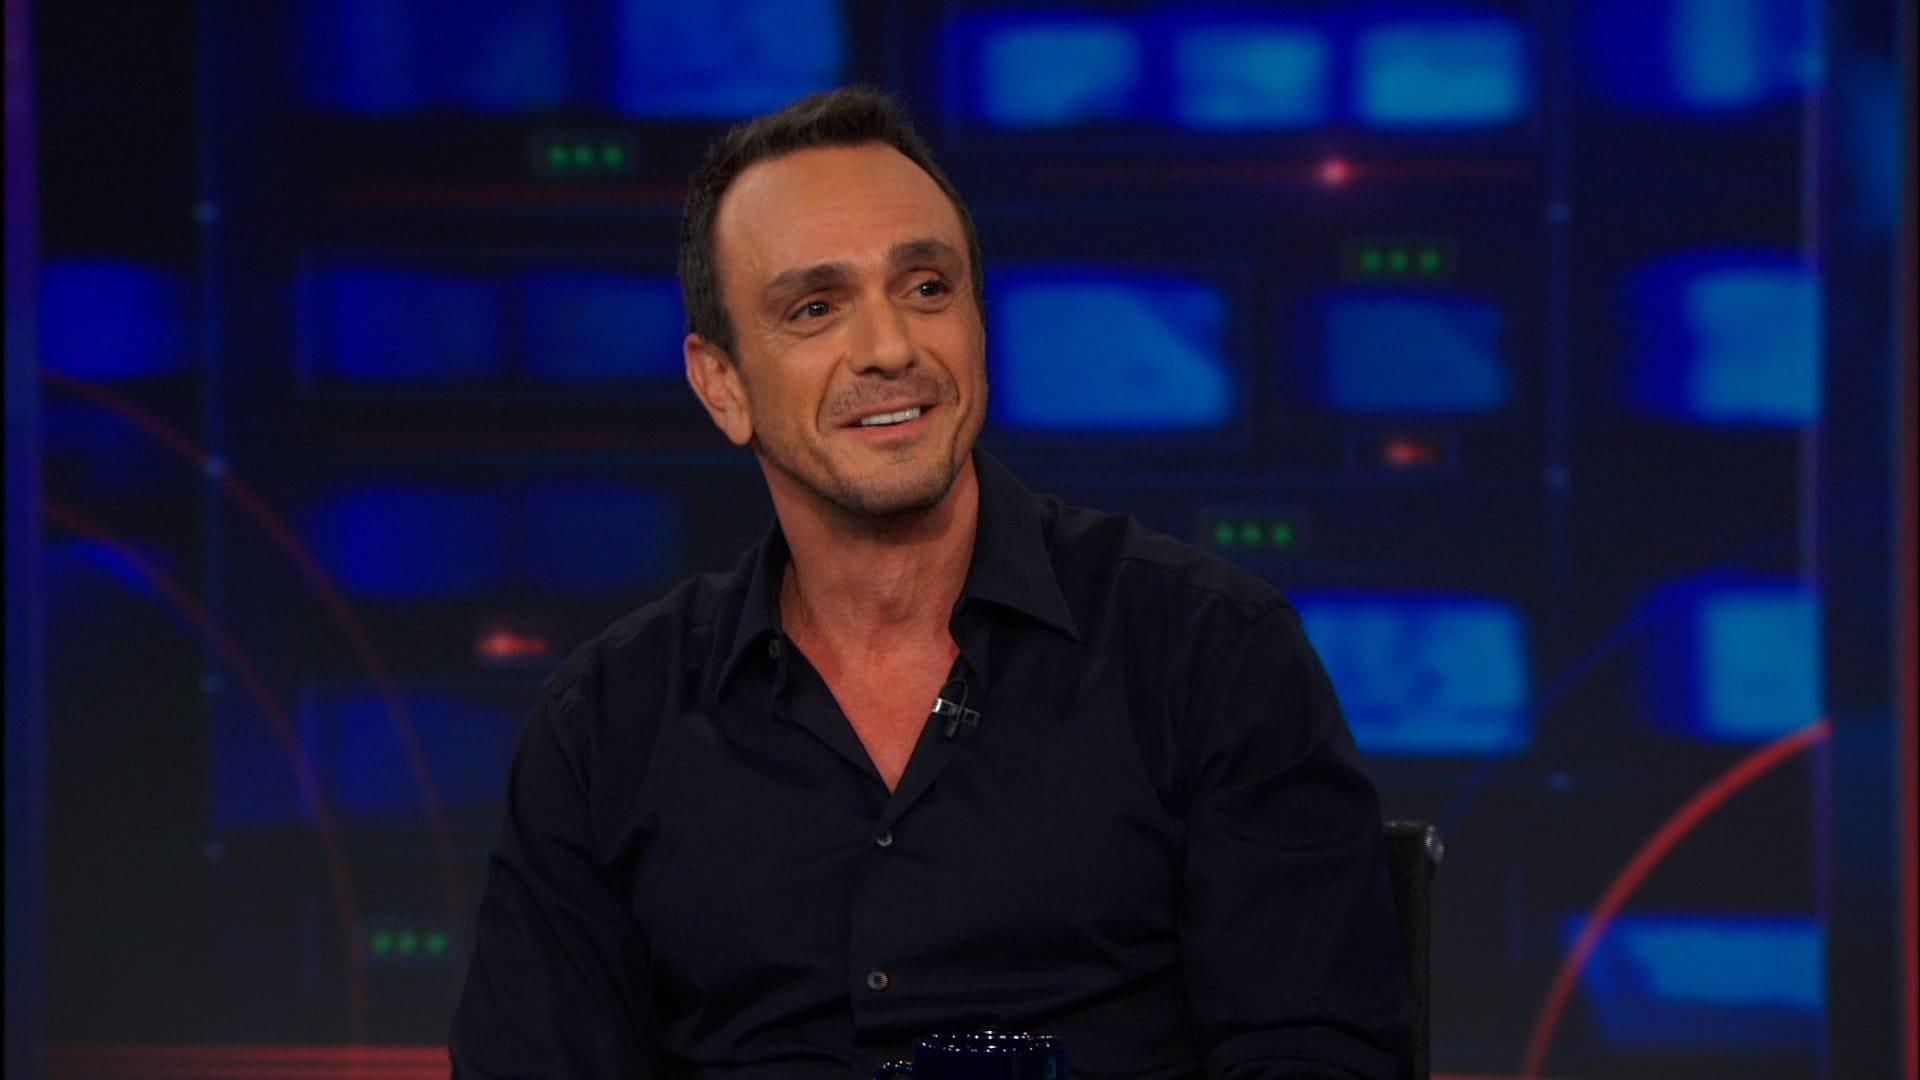 The Daily Show with Trevor Noah Season 18 :Episode 135  Hank Azaria